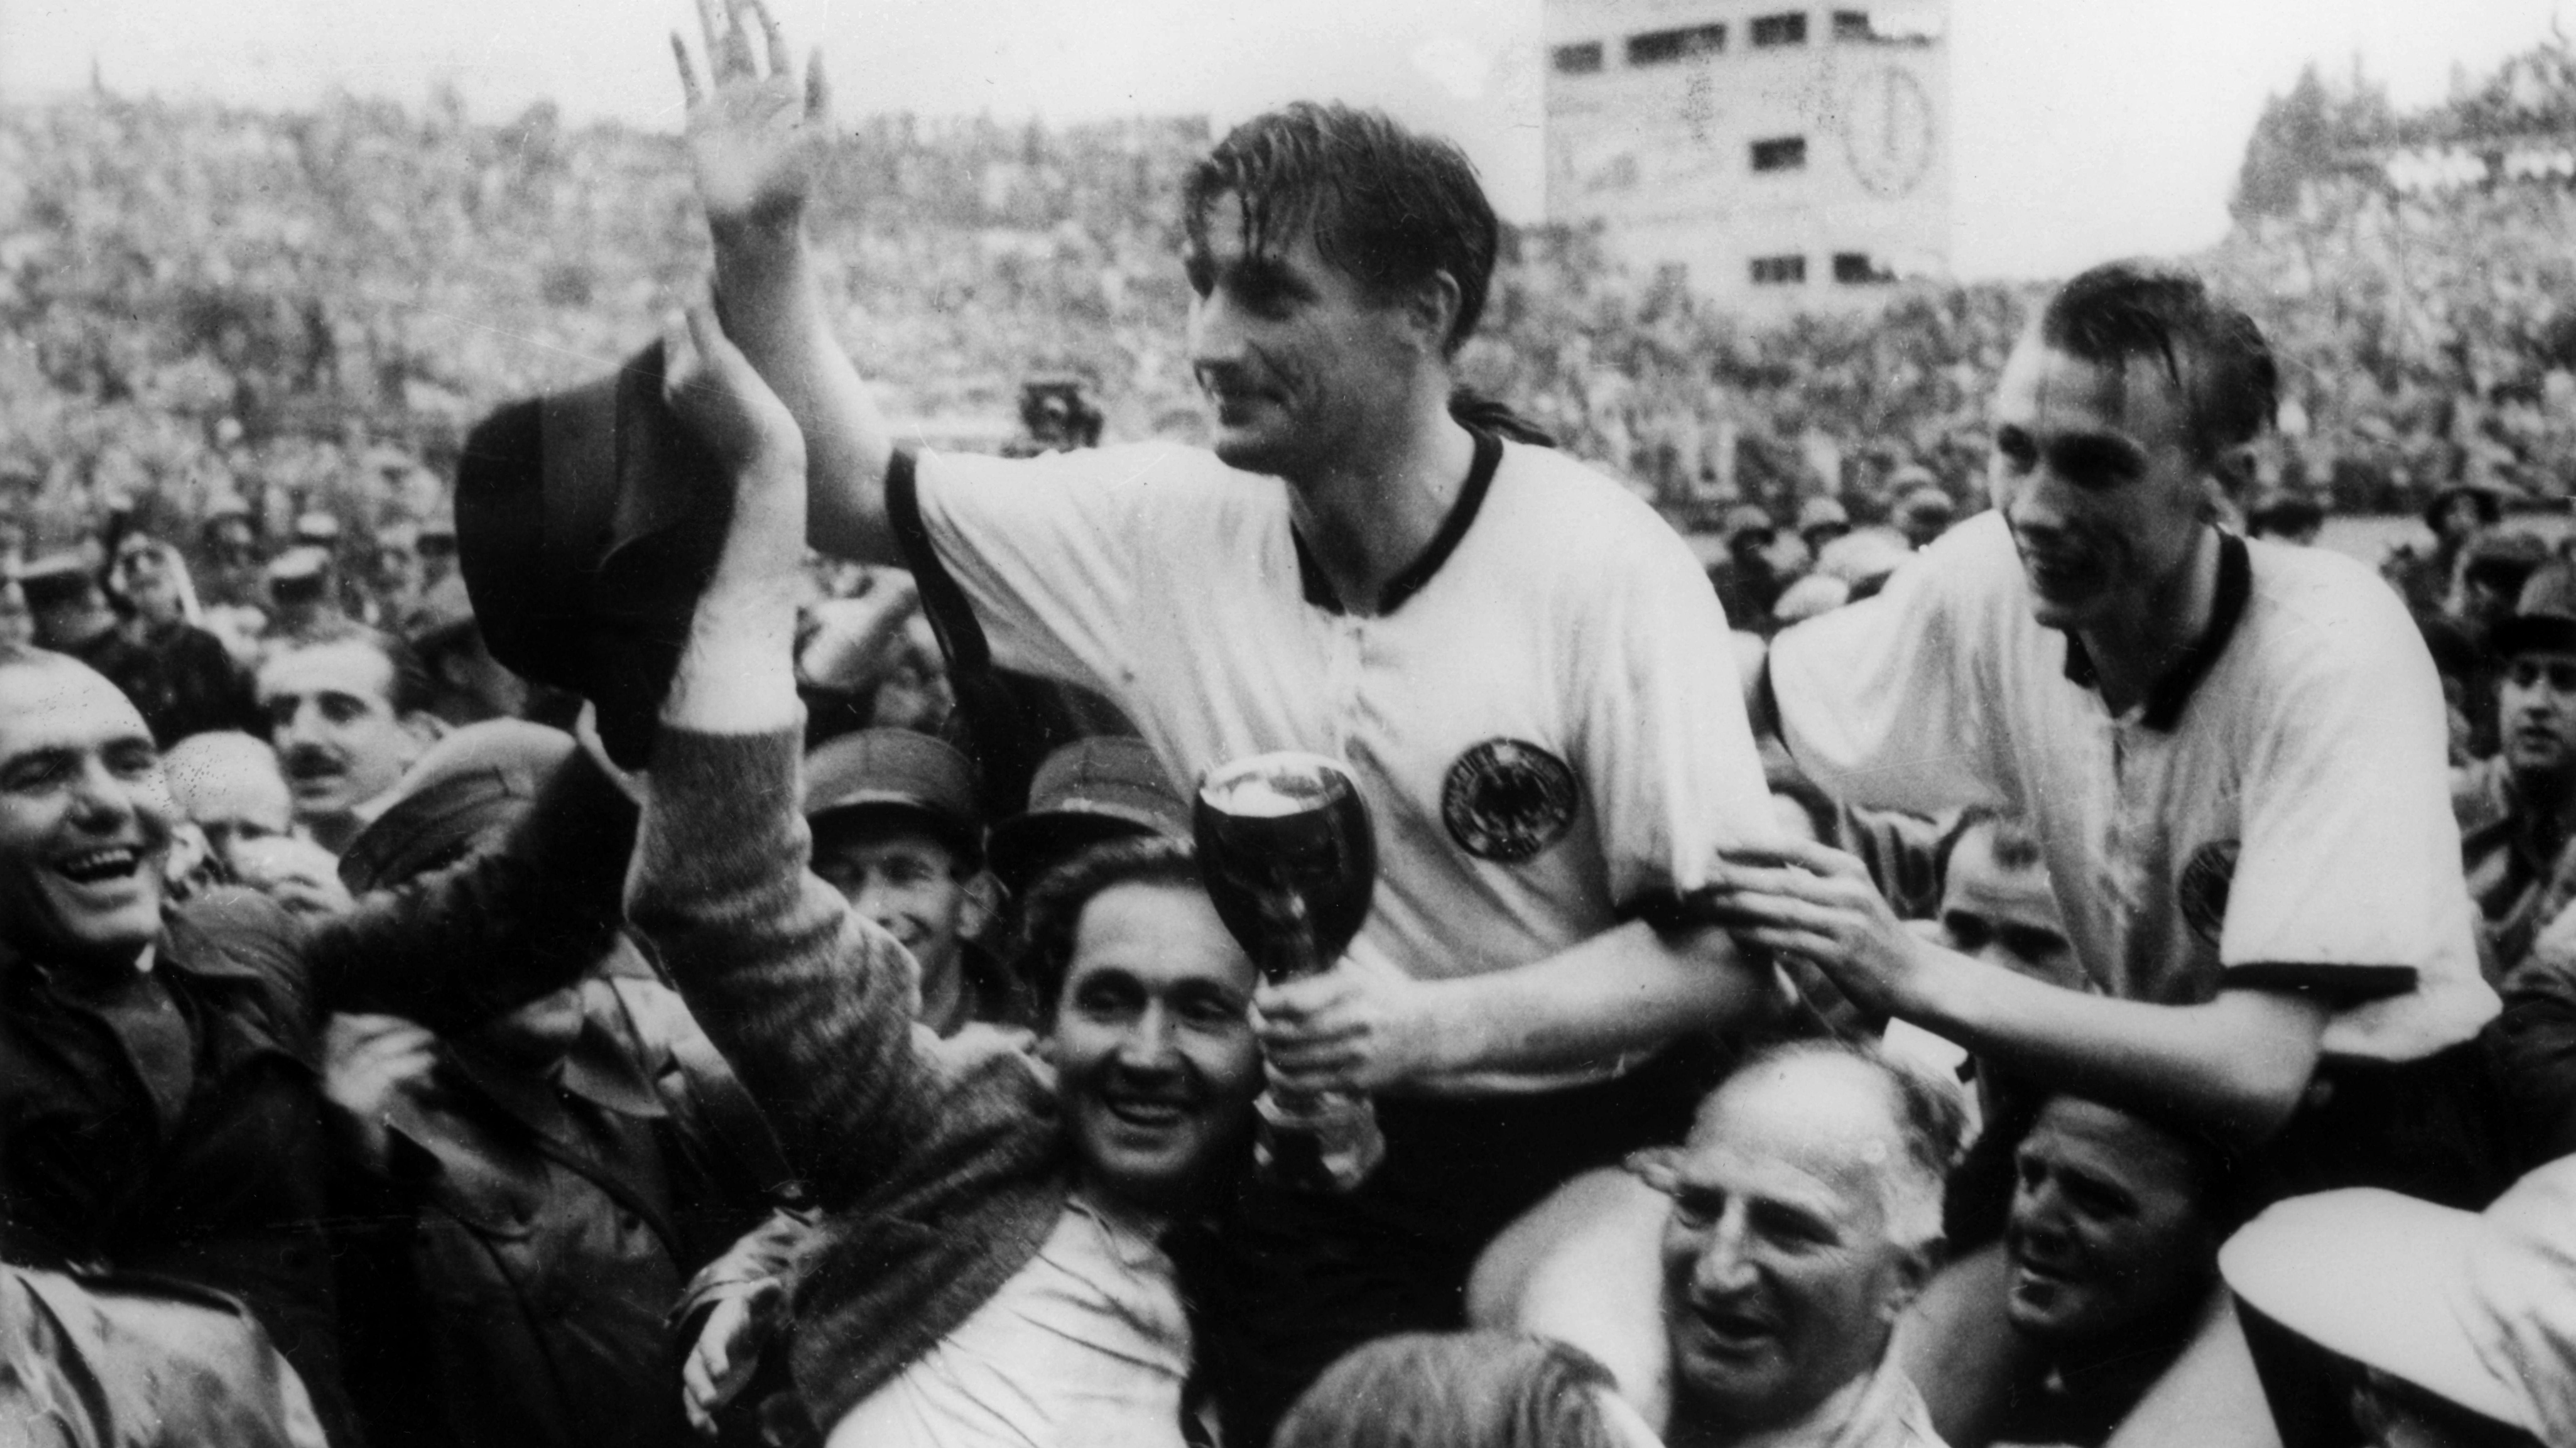 Die deutsche Nationalmannschaft entführte 1954 den WM-Pokal aus dem Berner Wankdorf-Stadion – legal. Später wurde er in Brasilien gestohlen.